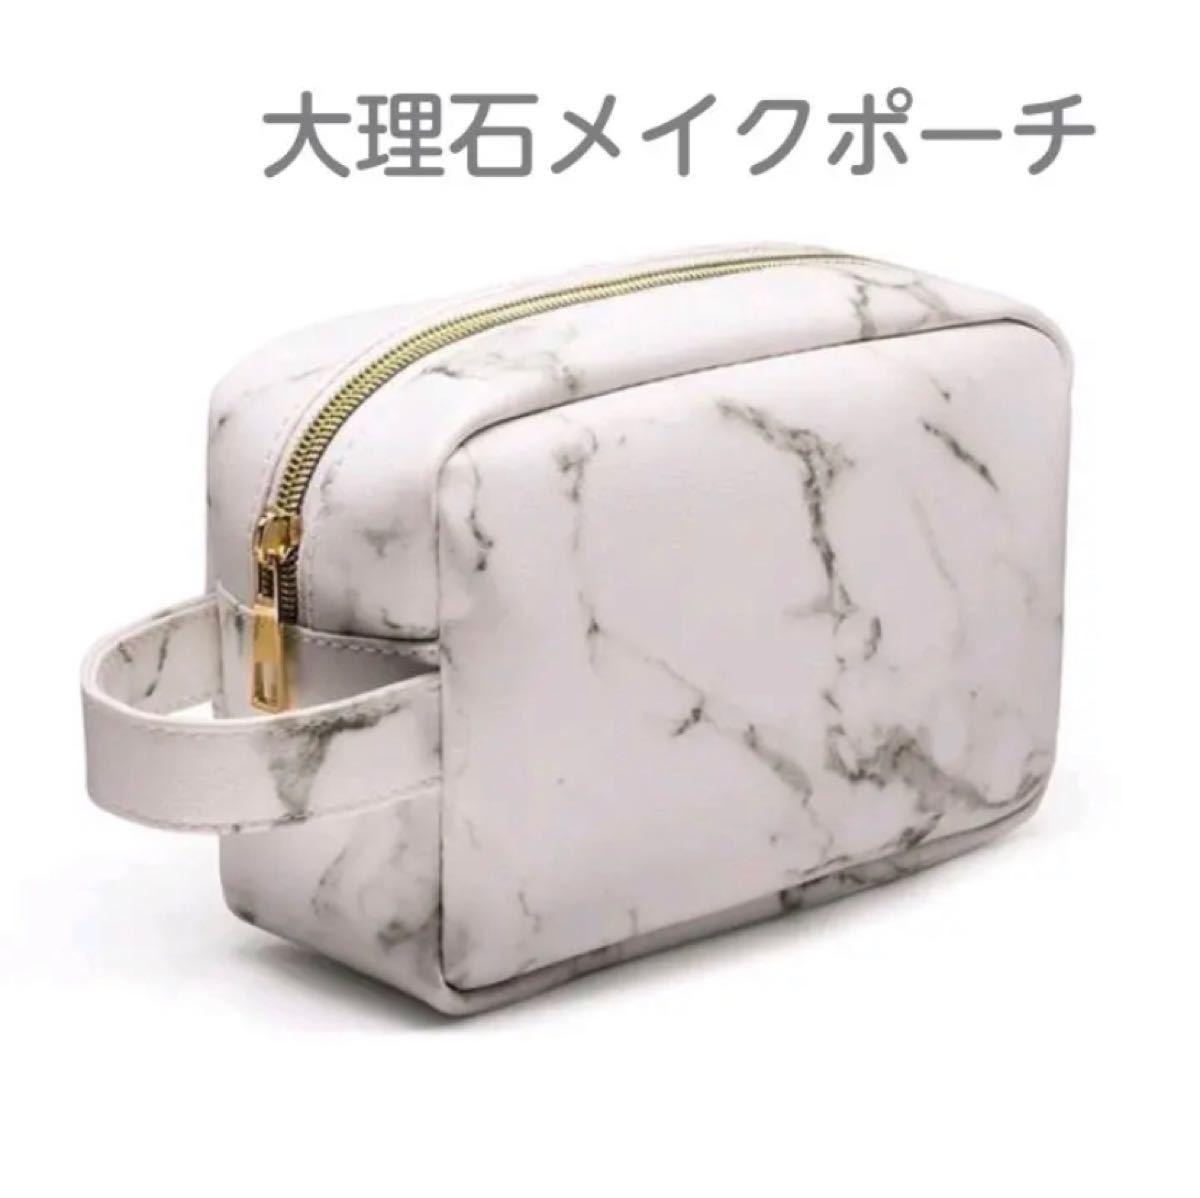 大理石 メイクポーチ スモールサイズ ホワイト